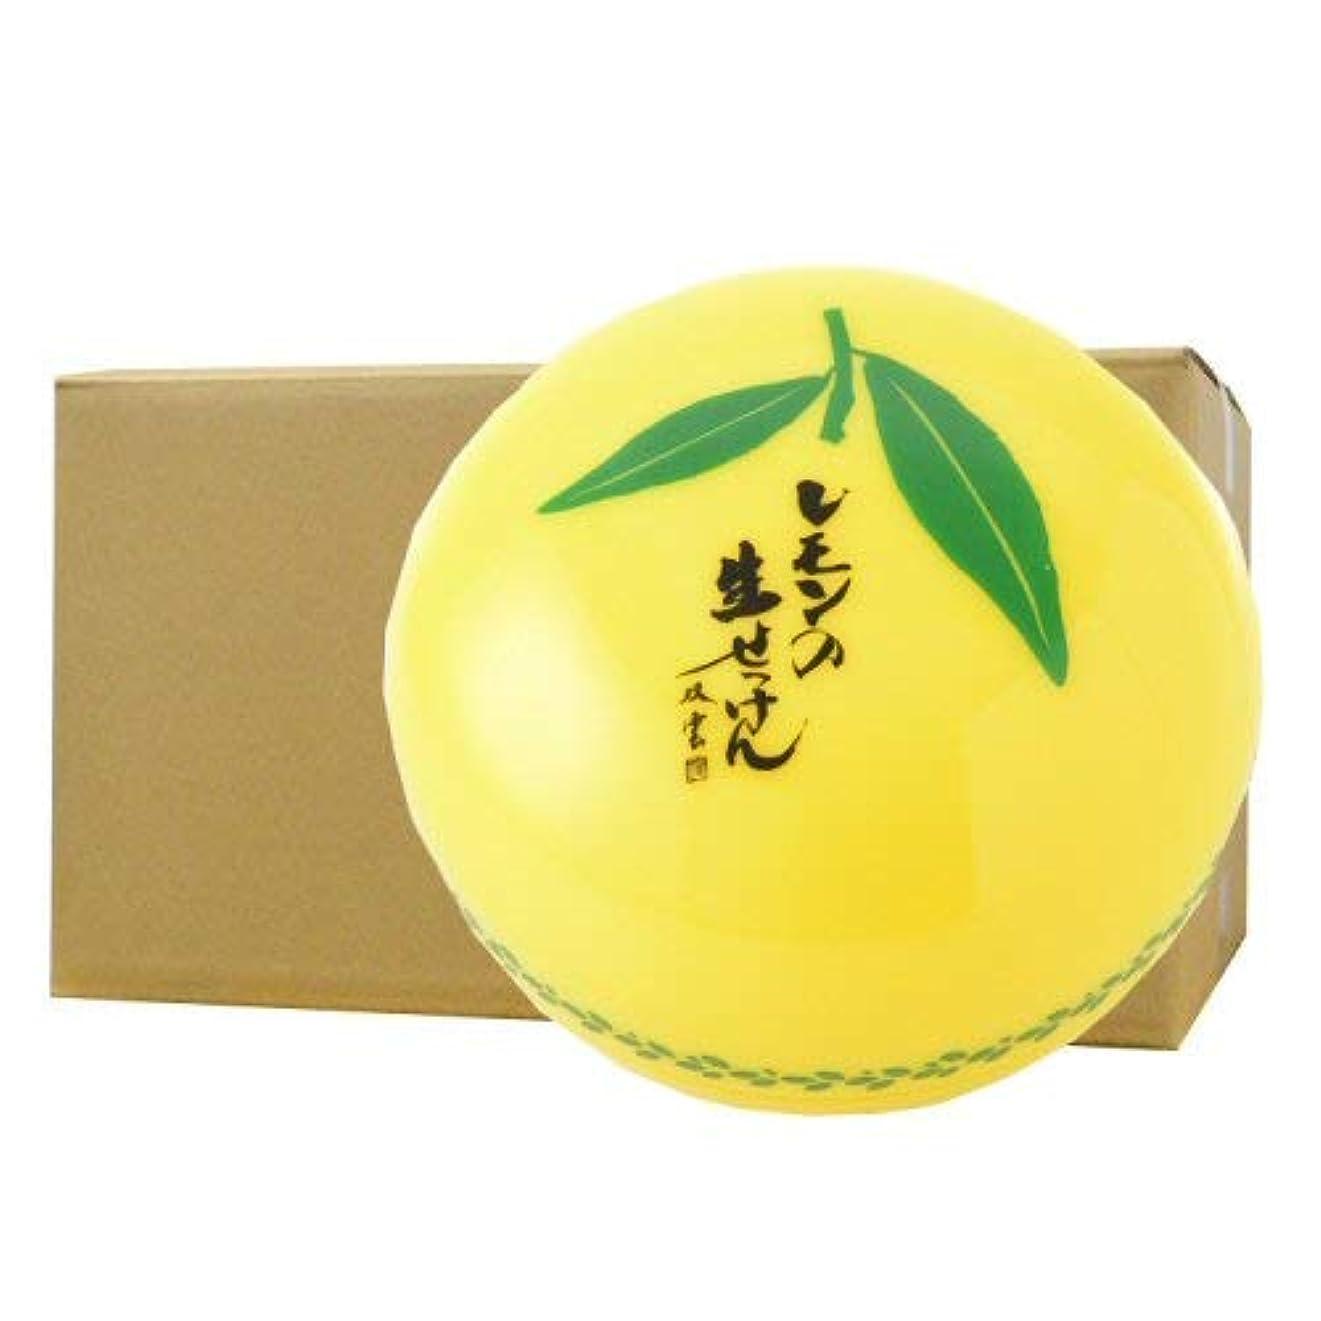 練るライム浸漬美香柑 レモンの生せっけん 洗顔石けん 無添加 スパチュラ?泡立てネット付 大容量 120g×24個ケース